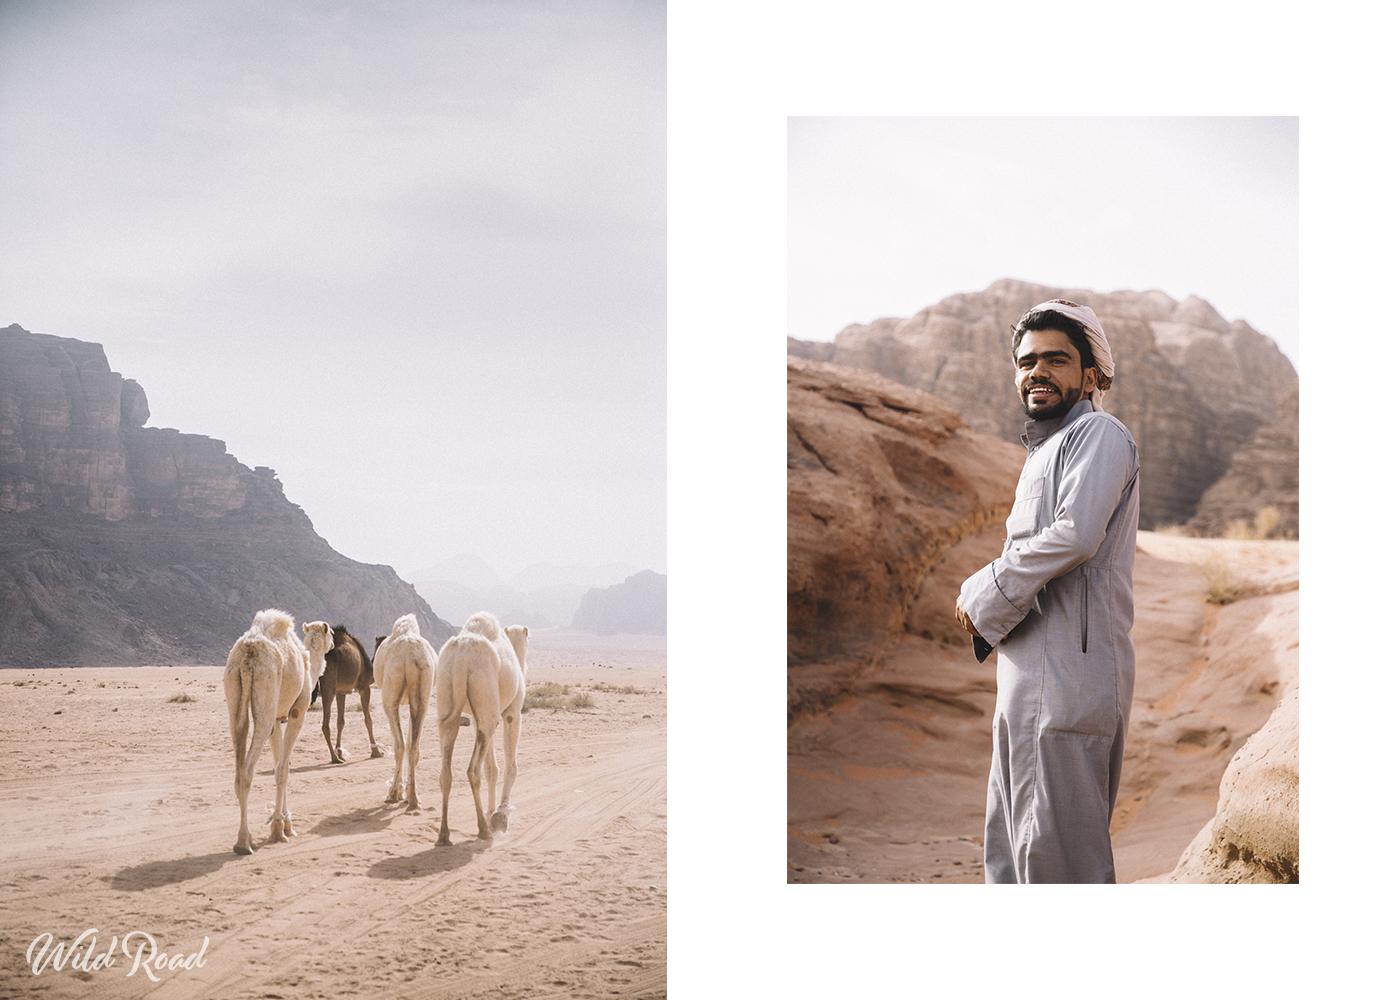 wildroad_wadirum-jordan-guide-10